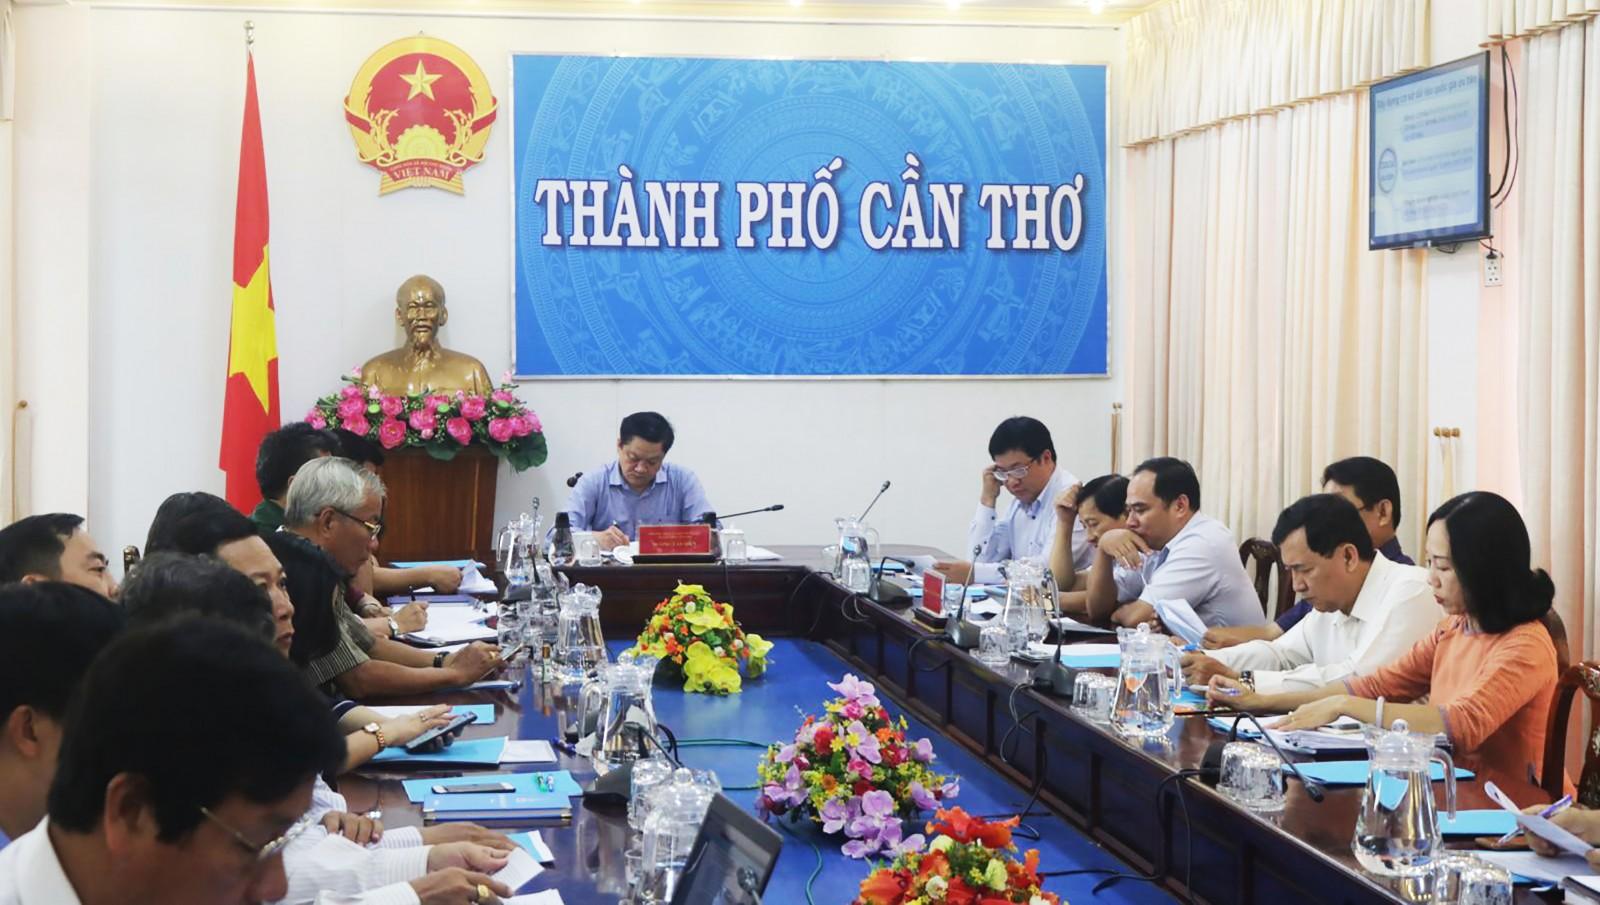 Ông Dương Tấn Hiển, Phó Chủ tịch UBND TP Cần Thơ cùng đại diện các sở ngành liên quan tham dự hội nghị.